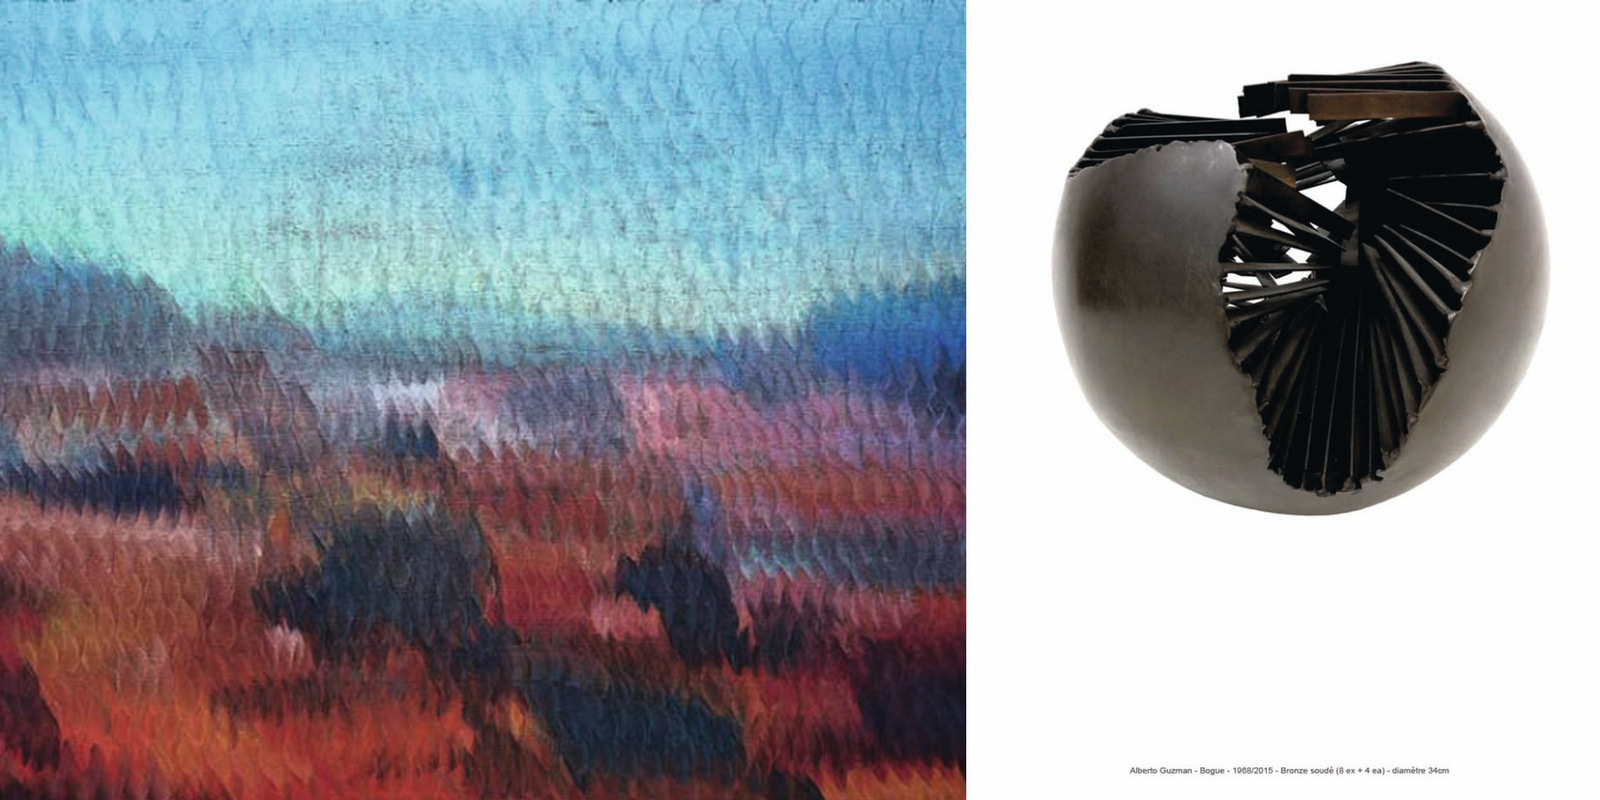 Guzman Vincent, Paradise Lost (huile sur toile) / Guzman Alberto, Bogue (bronze soudé) [montage LC]